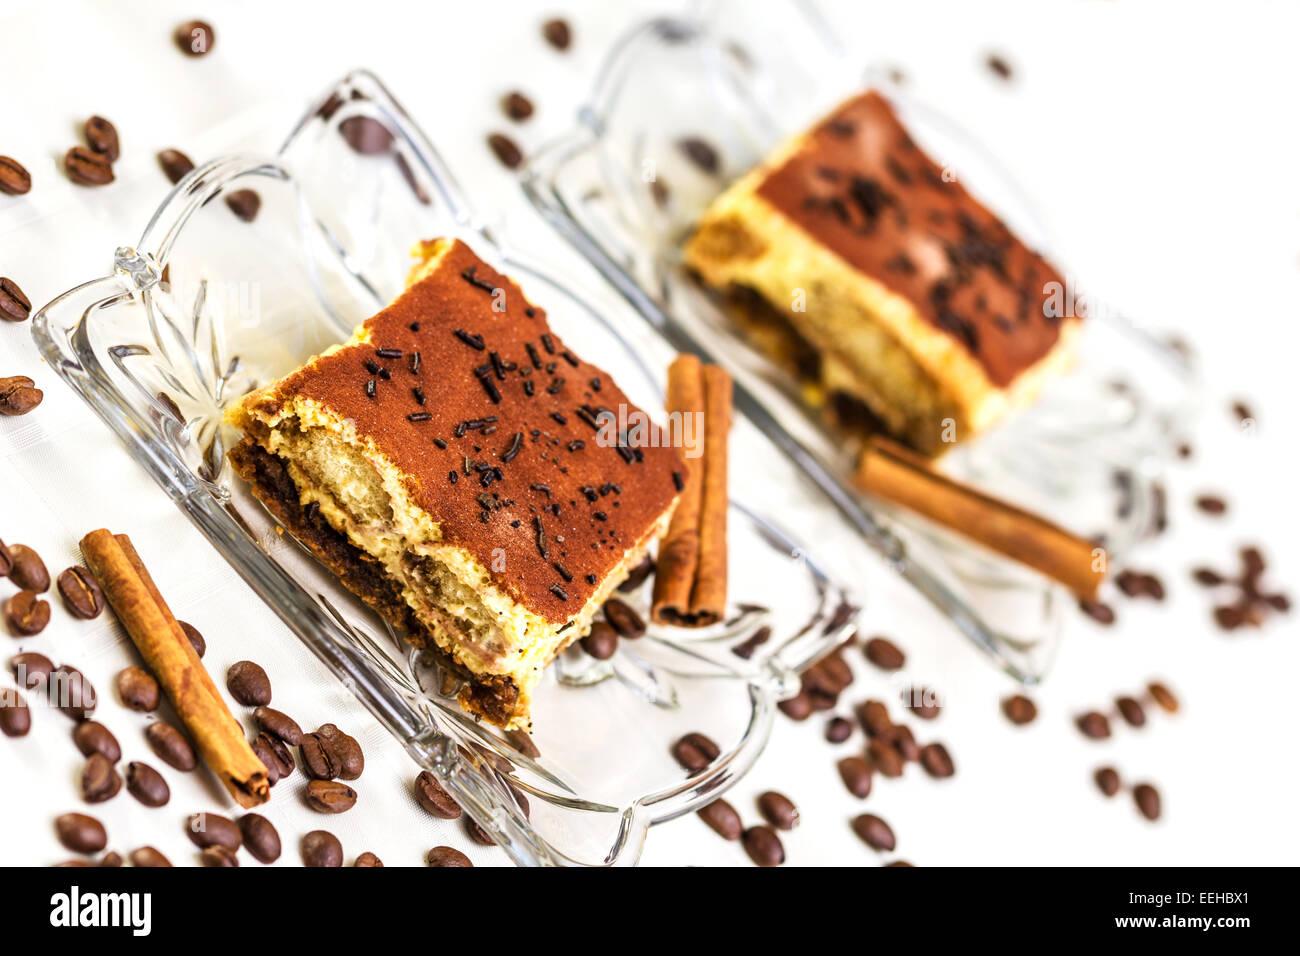 Gâteau tiramisu avec des grains de café et la cannelle Photo Stock